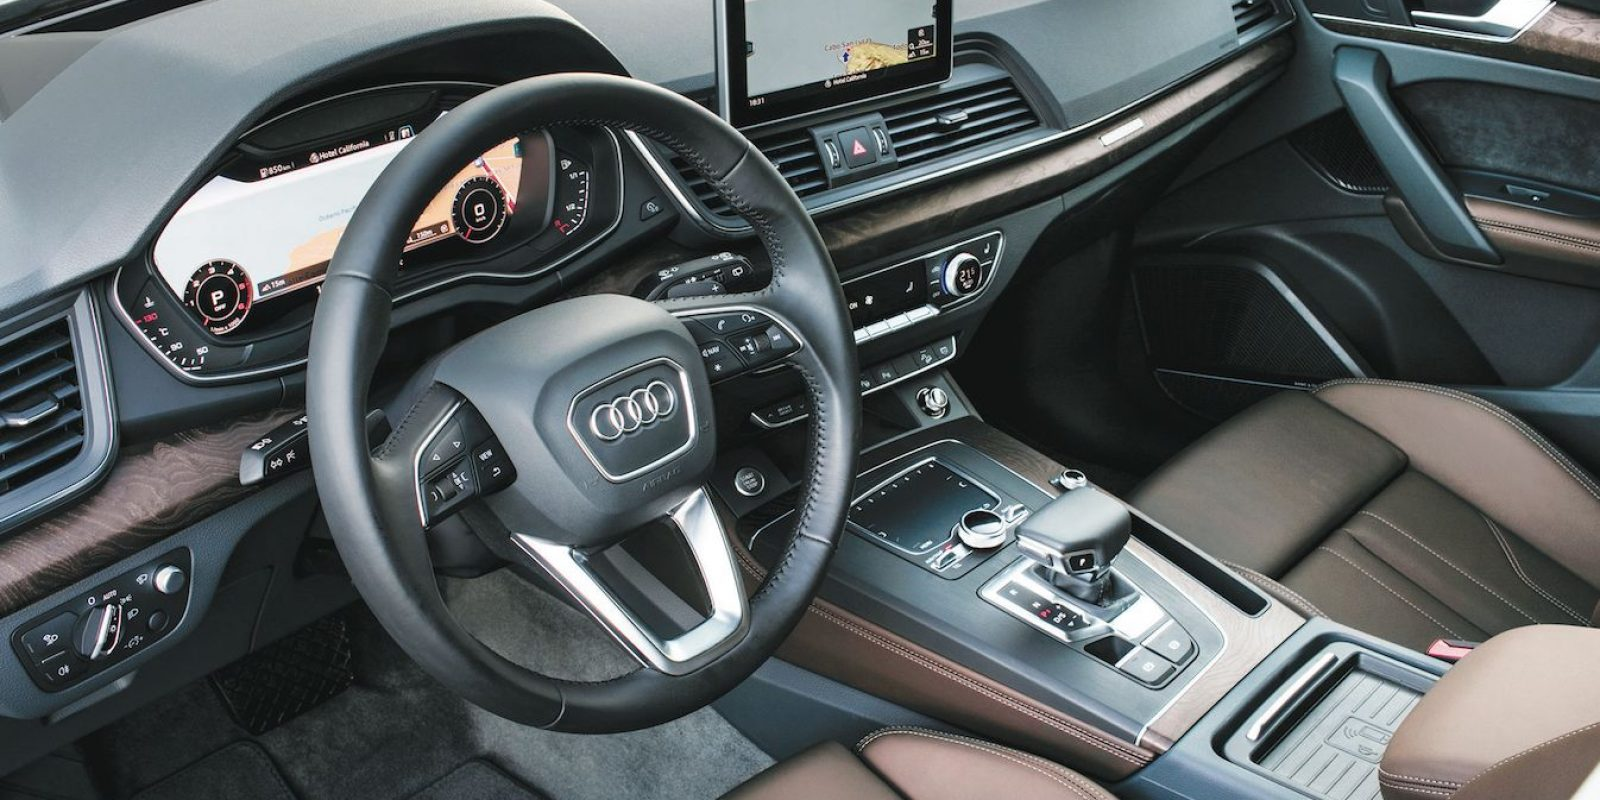 Audi smartphone Interface destaca por su facilidad de uso.| Mau carrera. Imagen Por: Mau Carrera